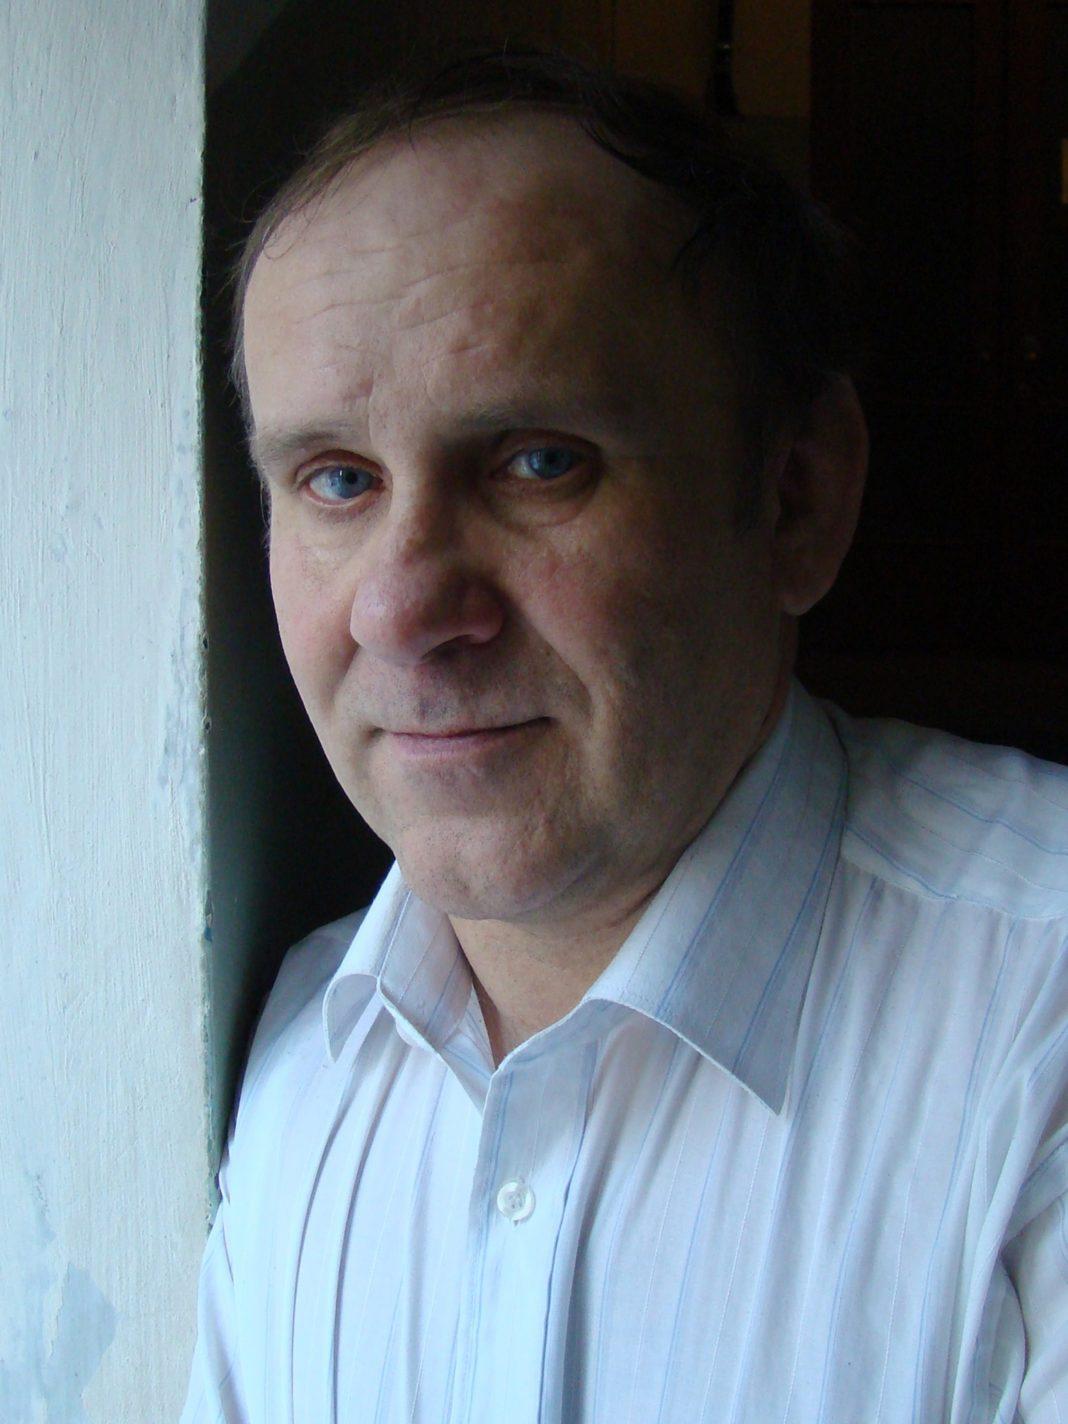 Николай Абрамов. Фото: vk.com